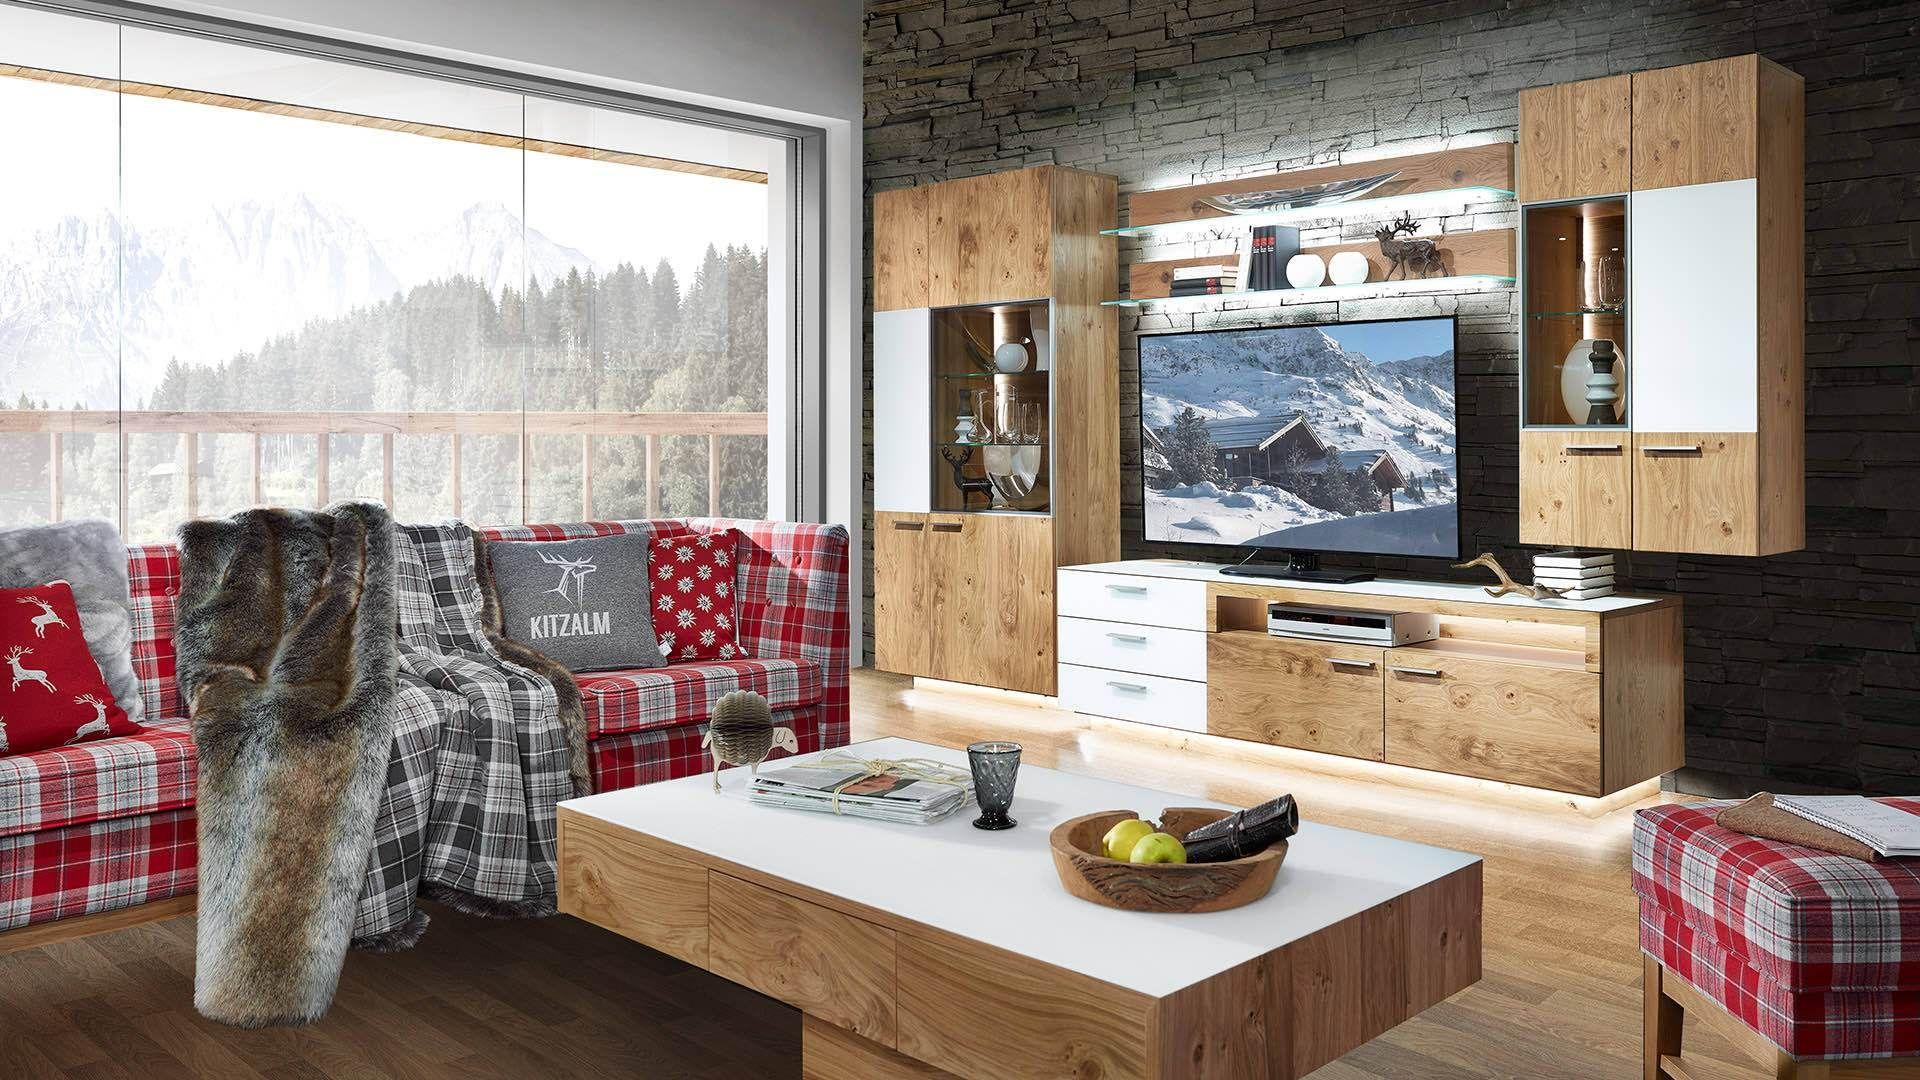 Möbelhersteller Wohnzimmer #möbelherstellerwohnzimmer in 8